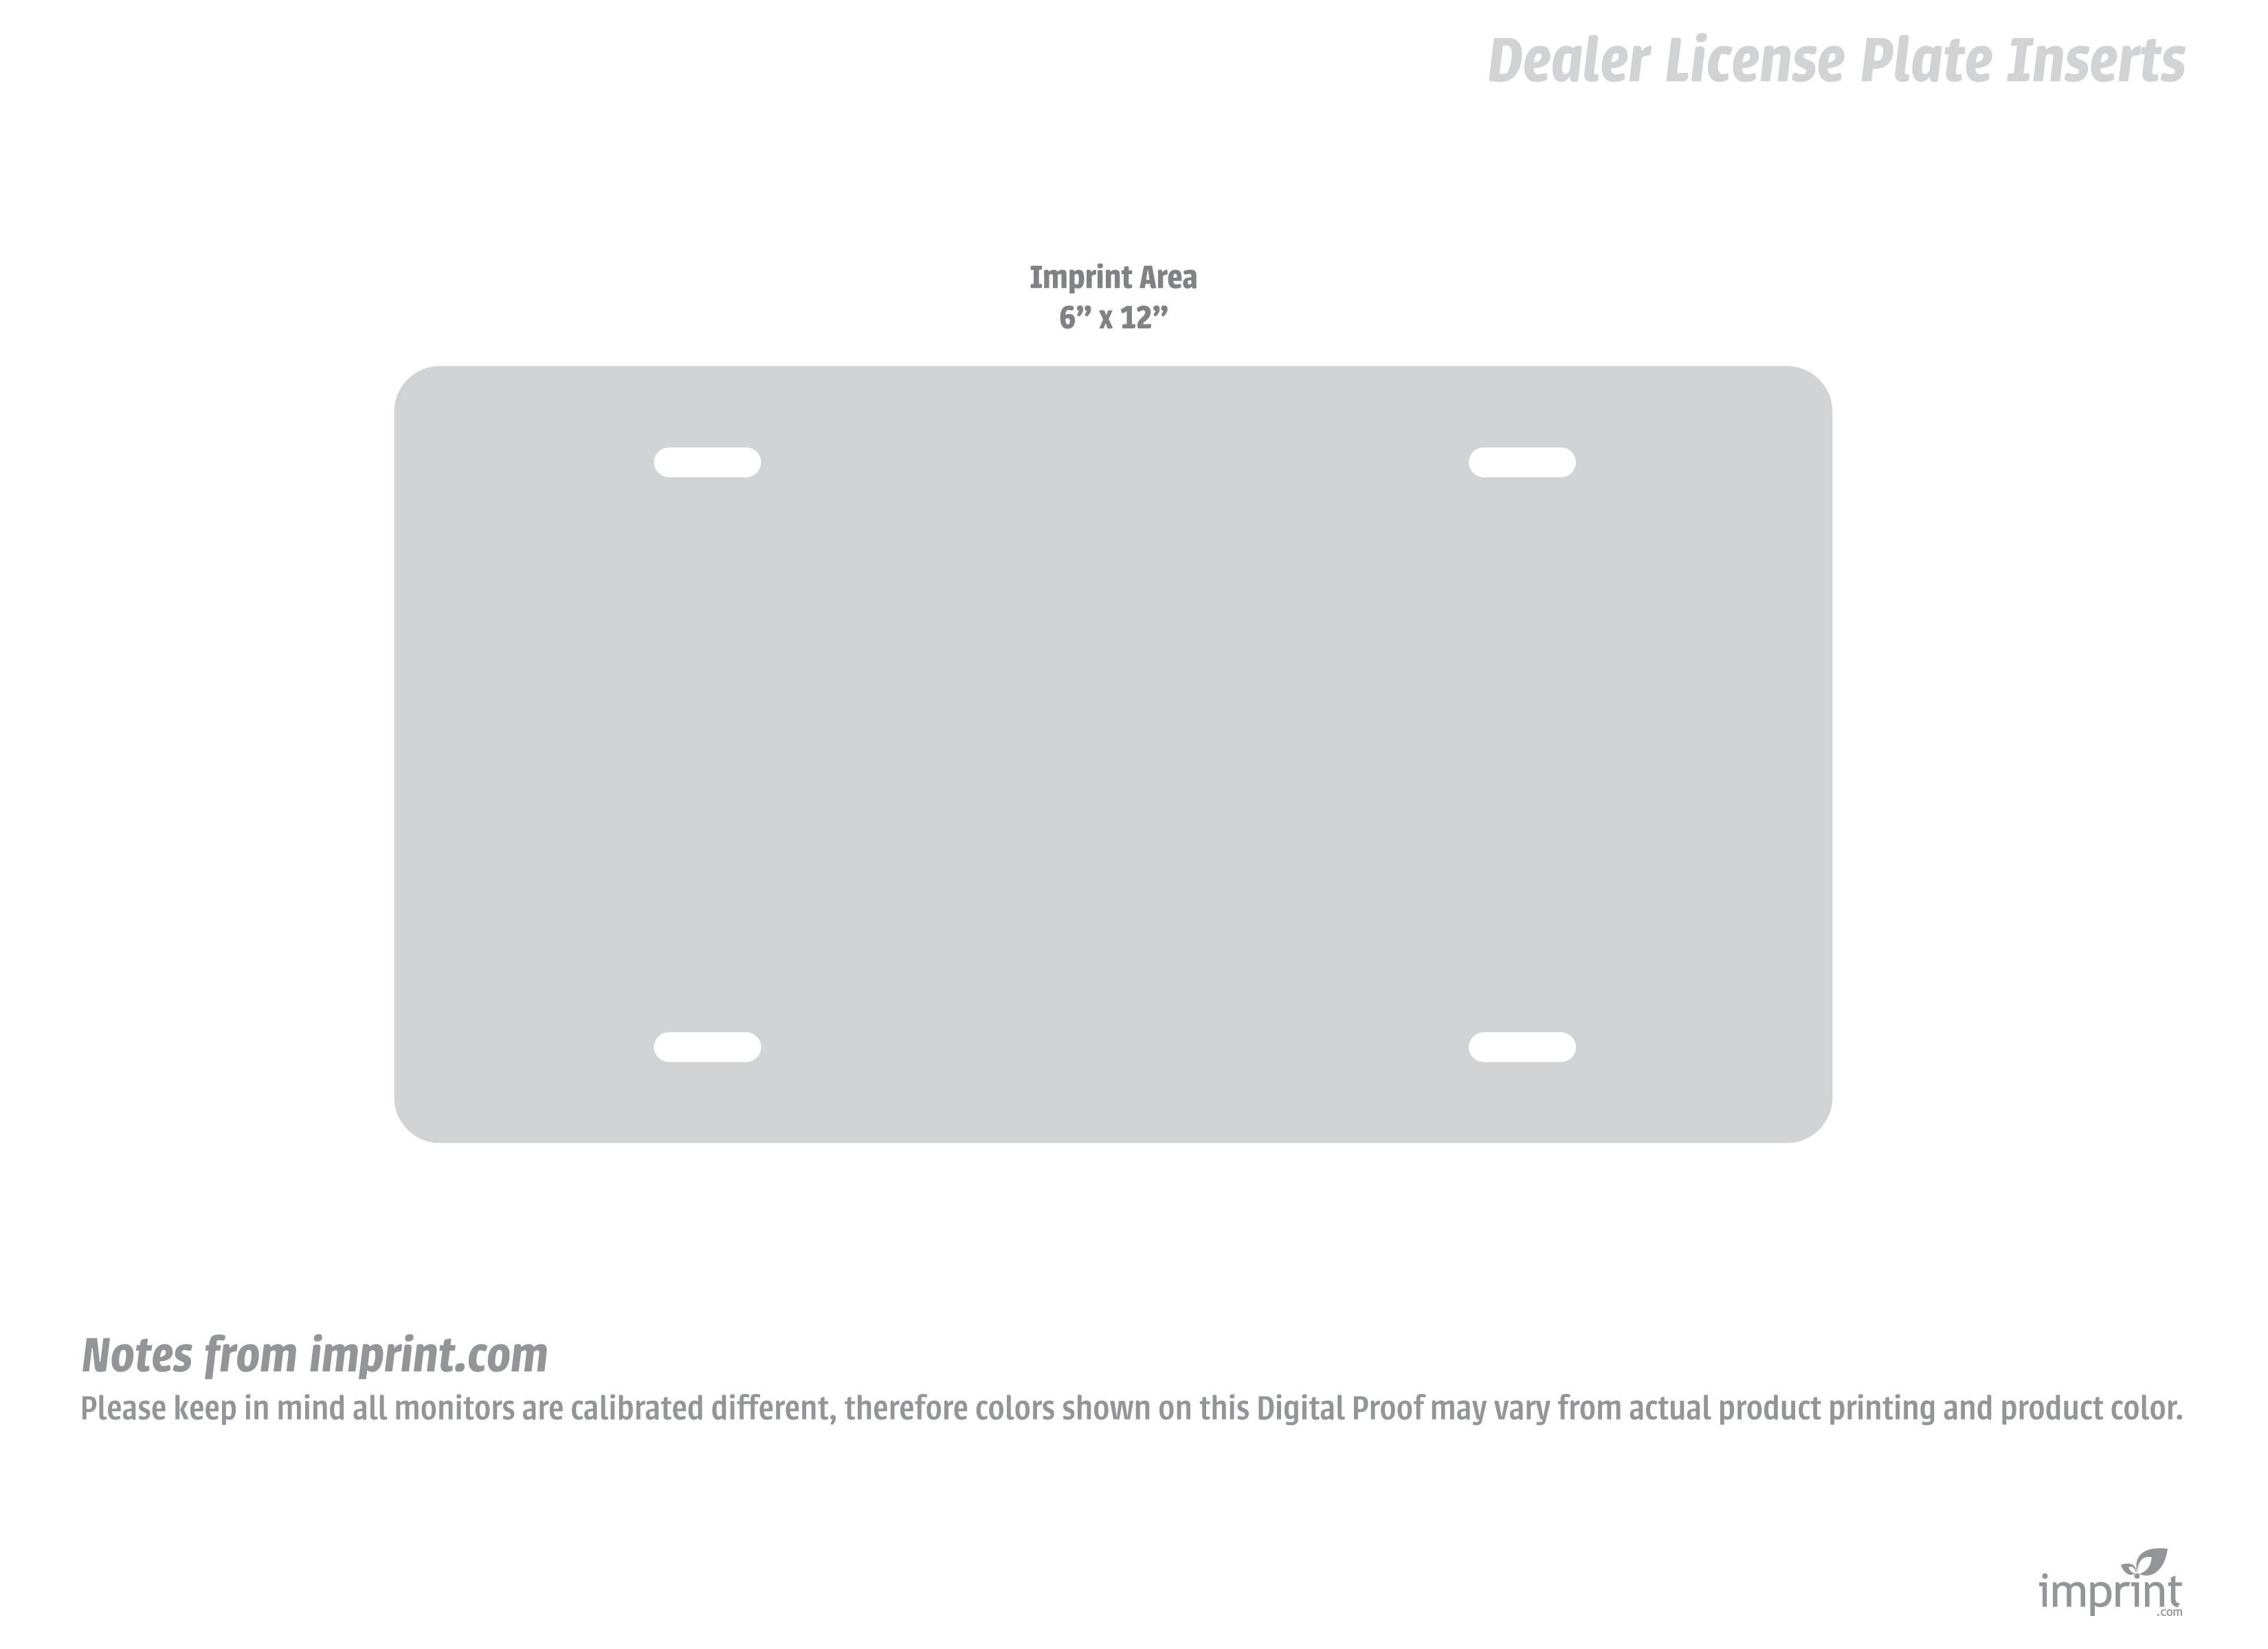 Dealer License Plate Inserts Download